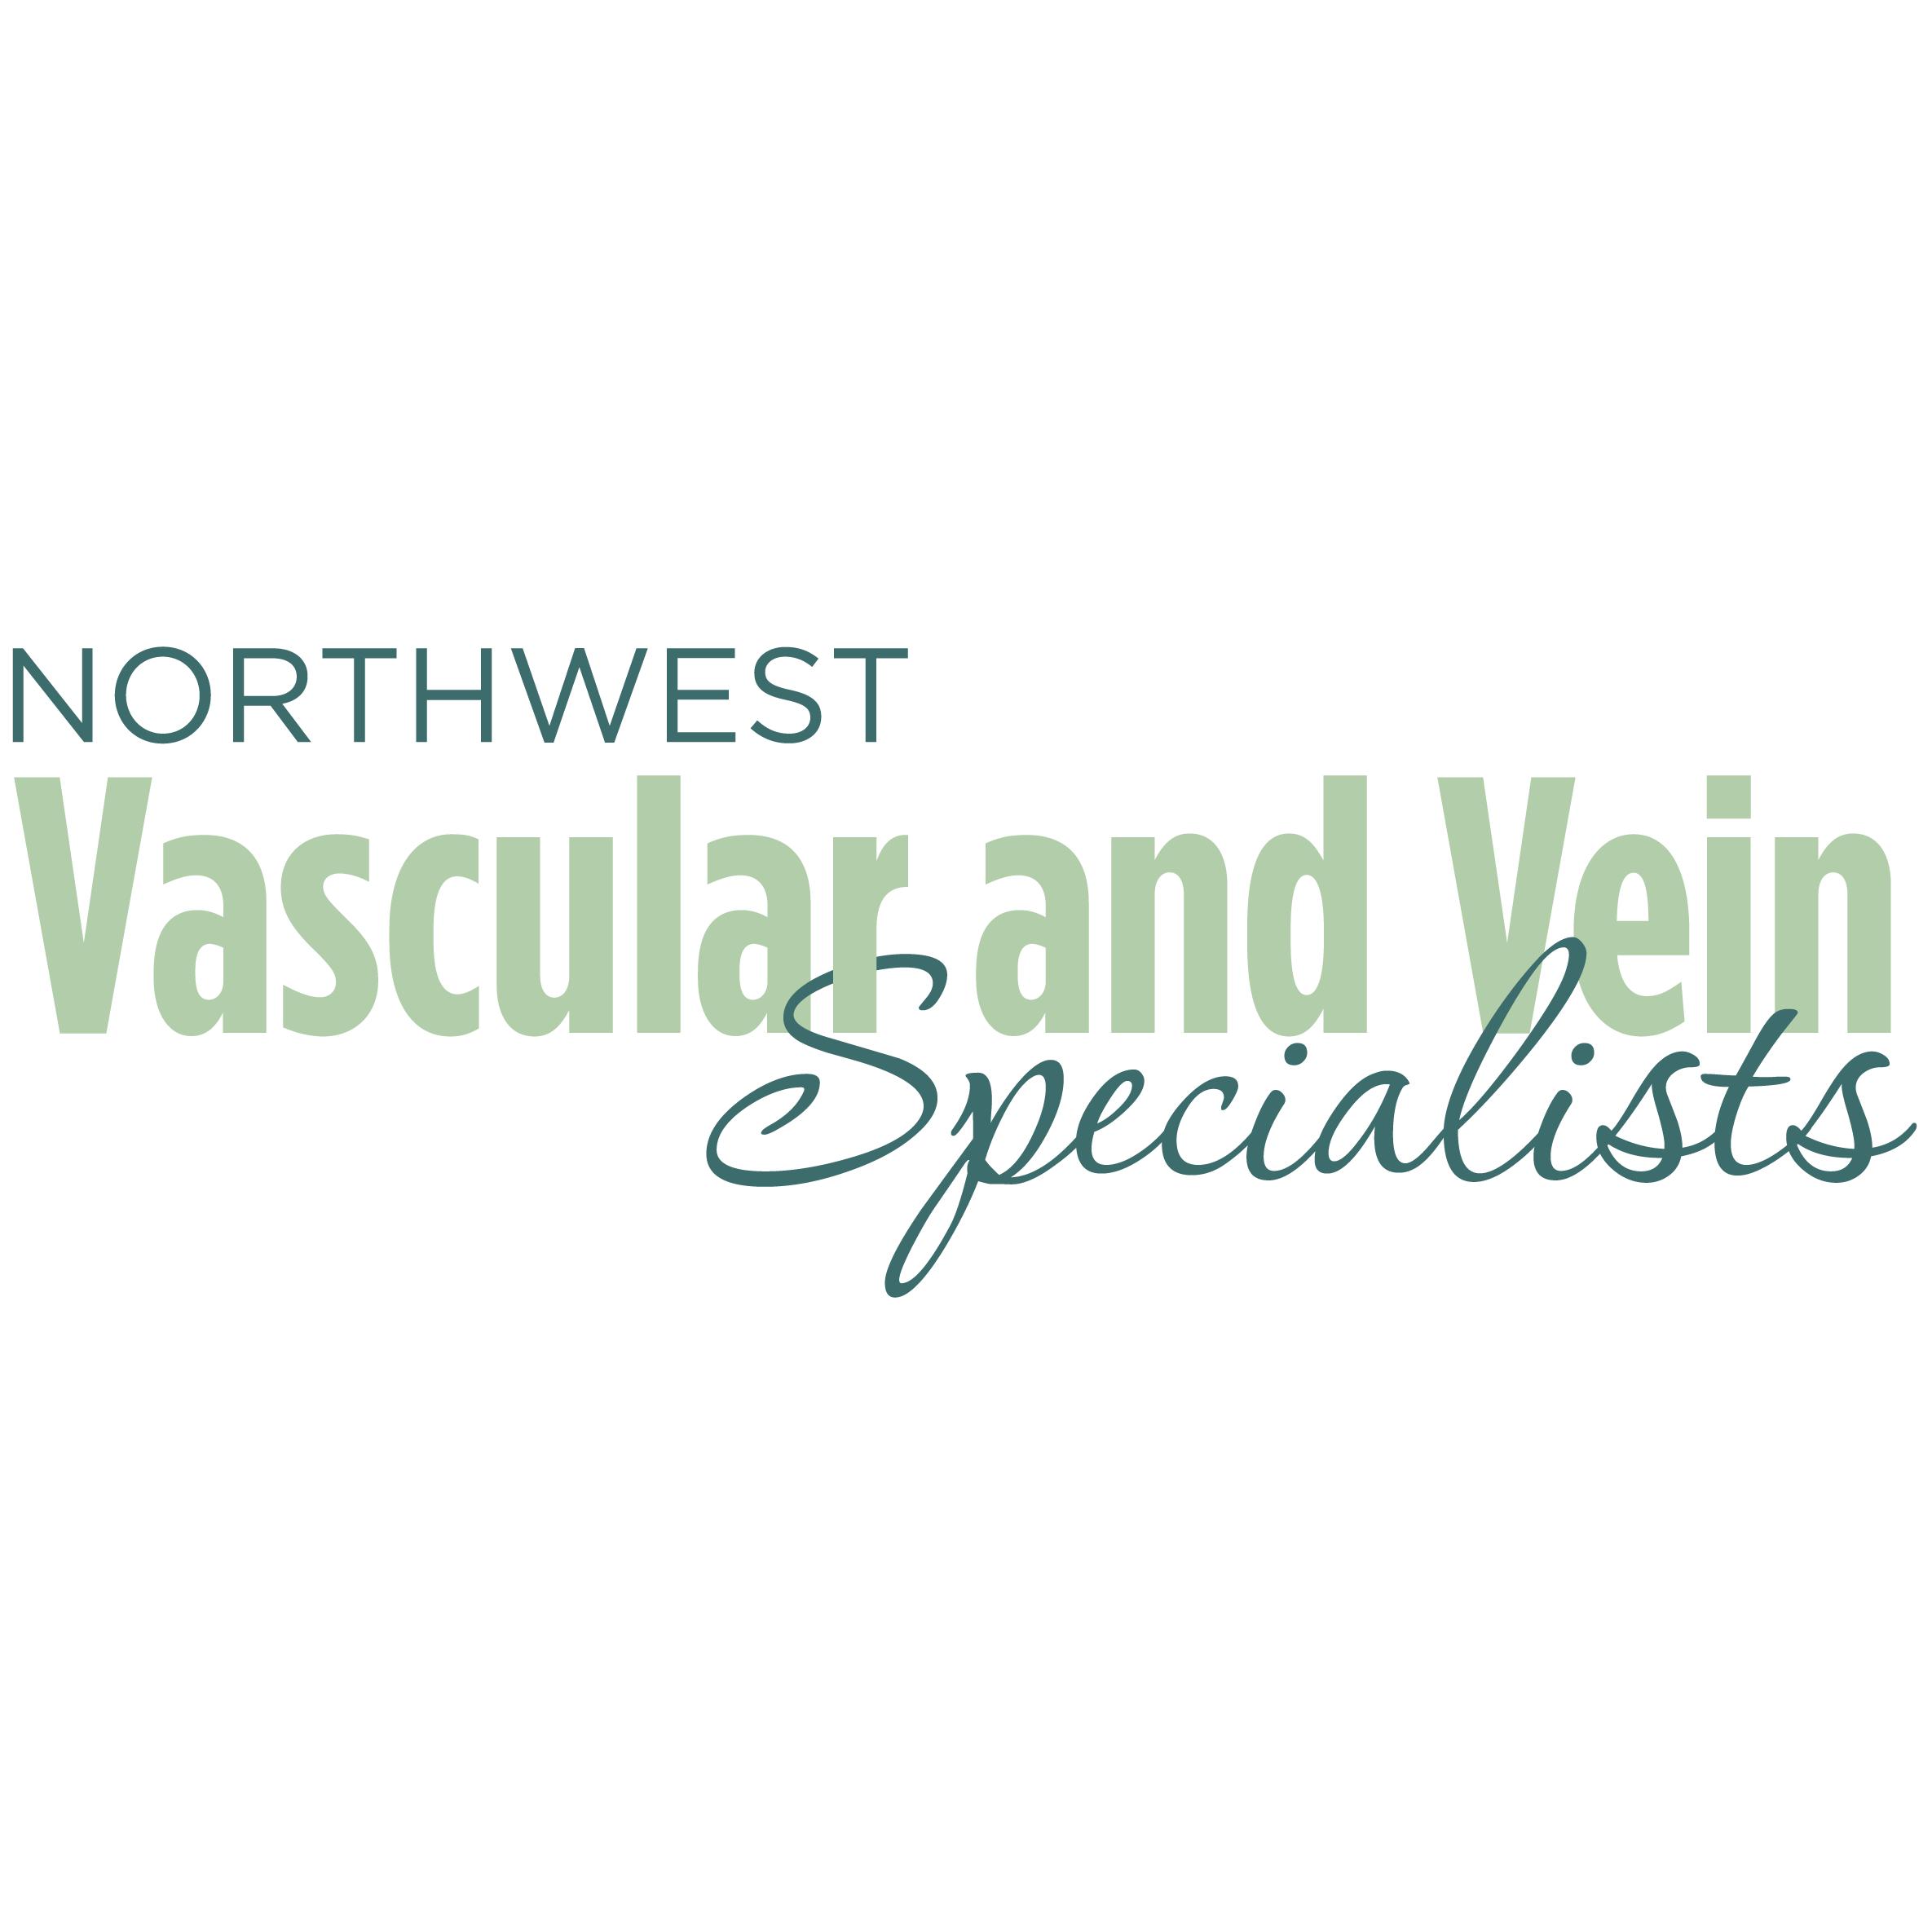 Northwest Vascular & Vein Specialists